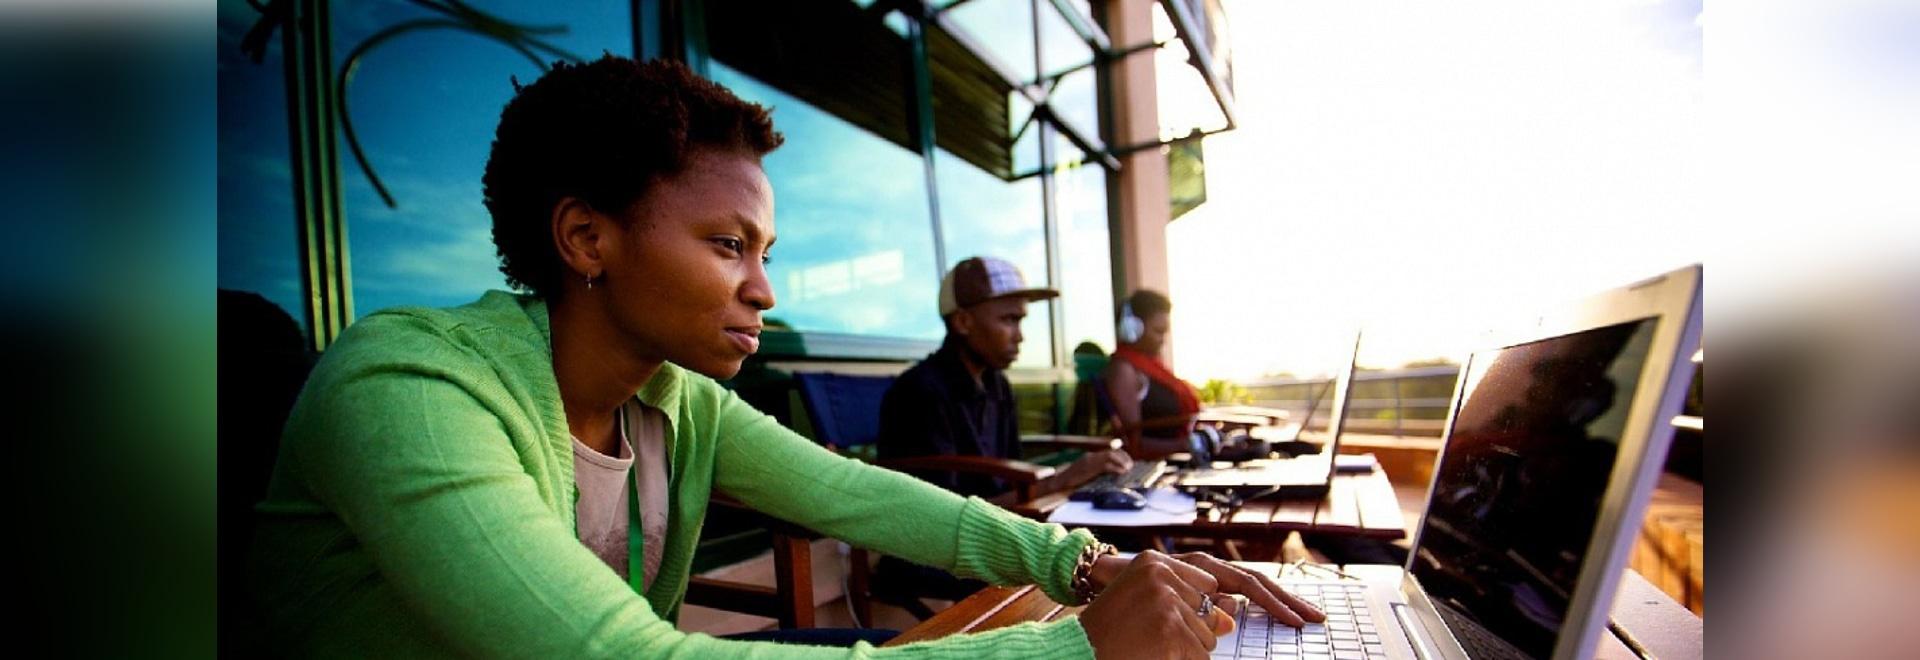 Africa's Digital Dawn